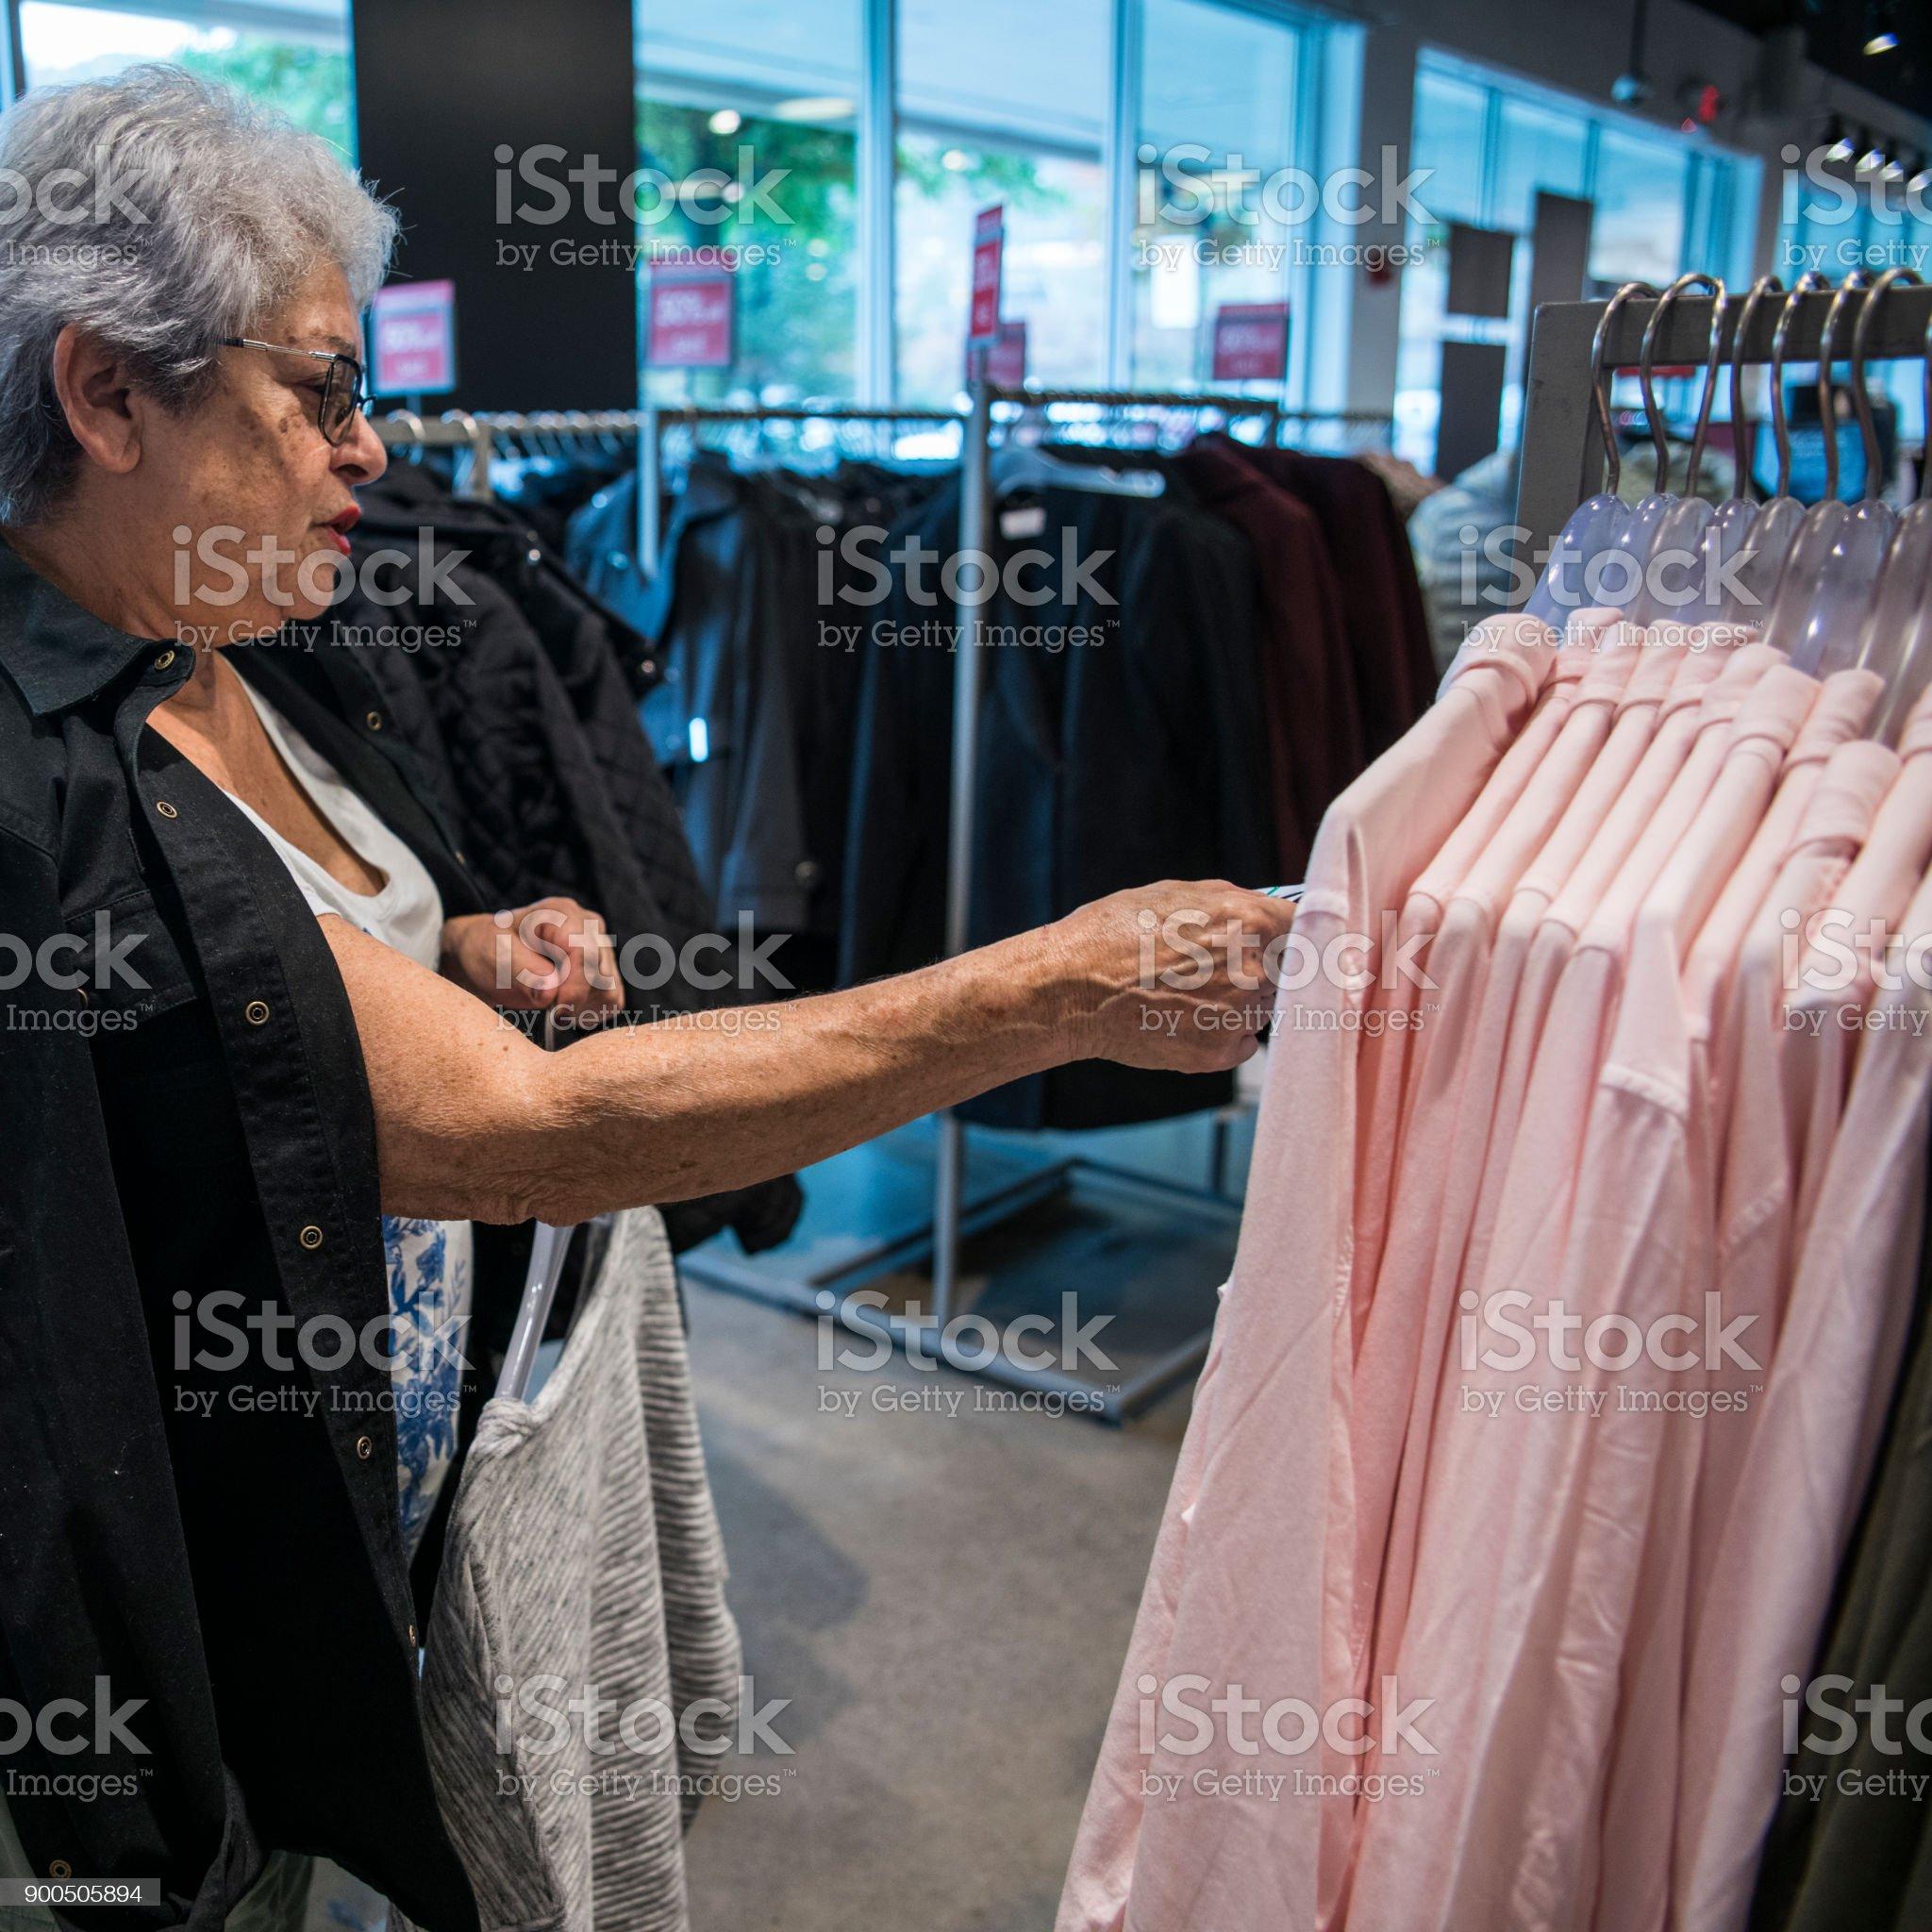 Imagen De El Cabello Plateado 65 Años Senior Mujer Activa De Compras En La Tienda De Venta Por Menor De Ropa Fotografía De Stock